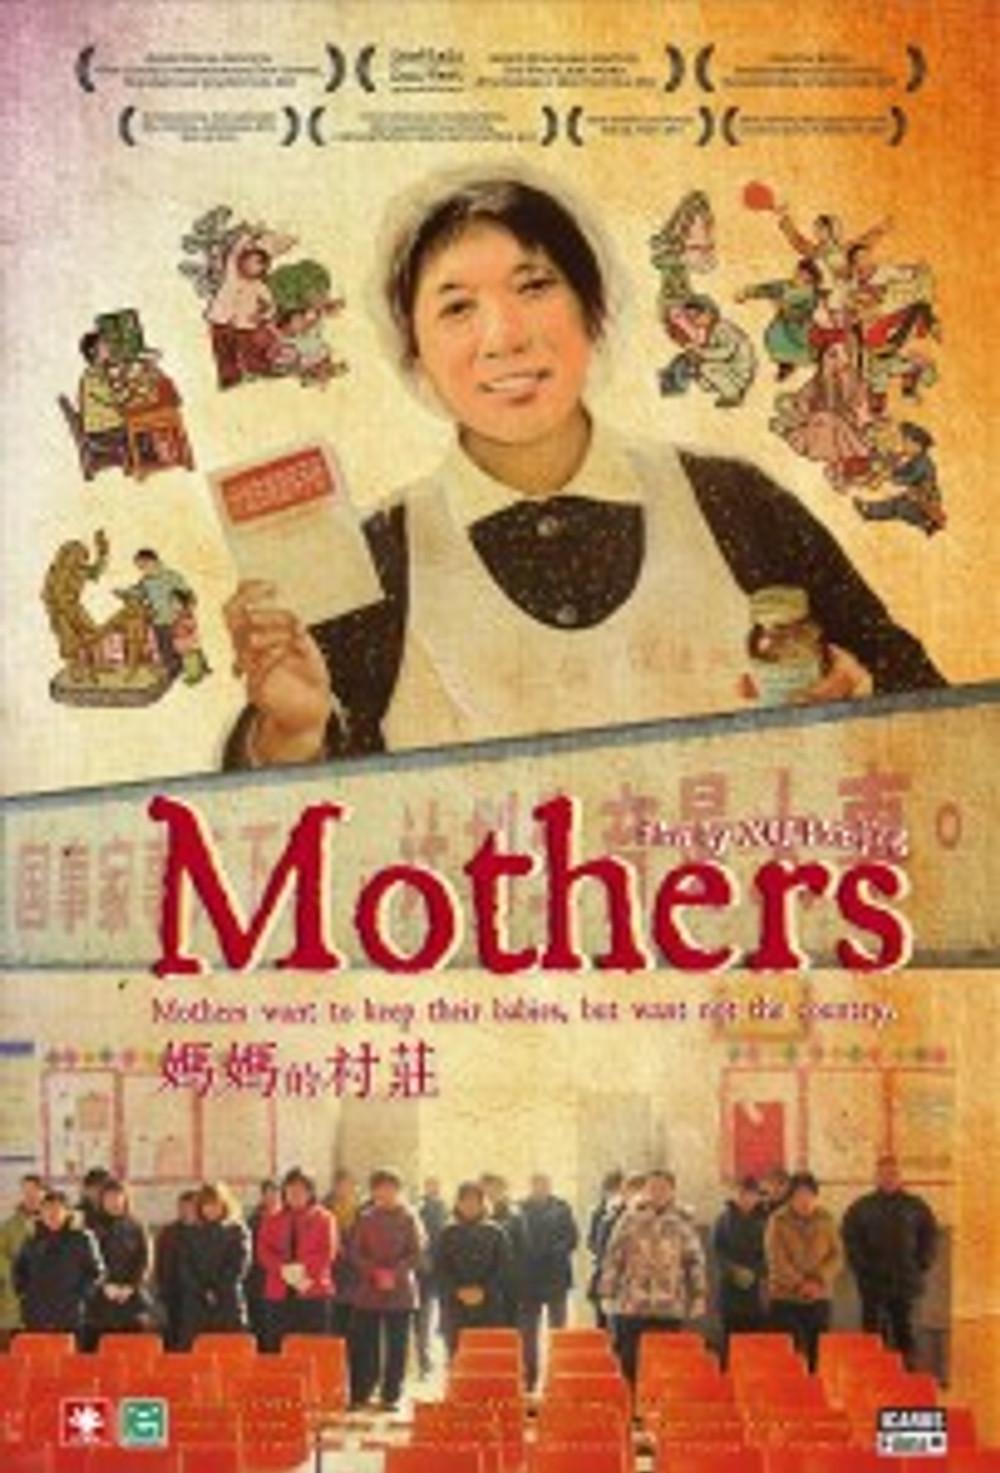 Mothers (dir. Xu Huijing)